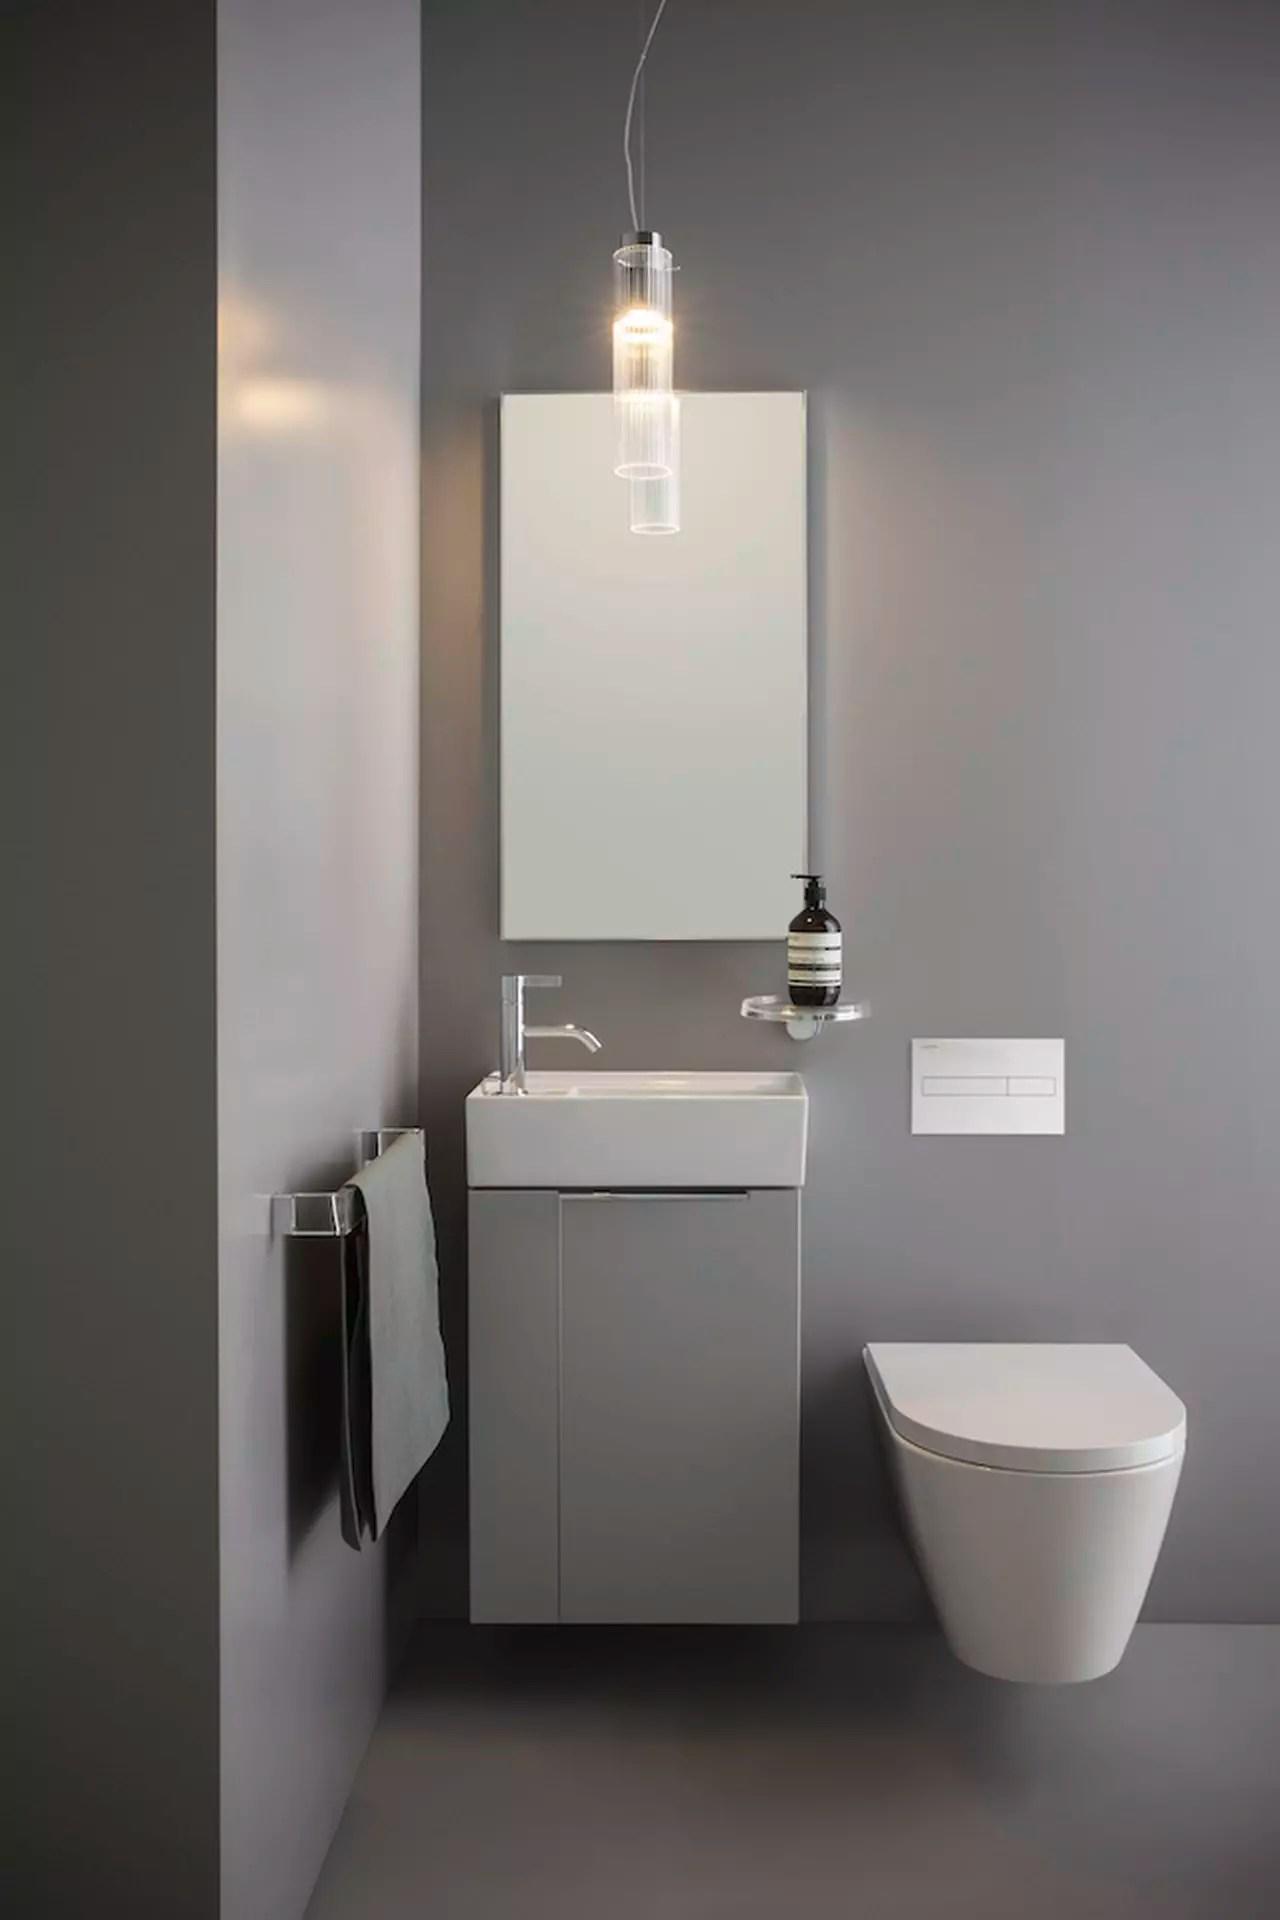 Bagno lavanderia piccolo soluzioni da vasca a doccia un bagno